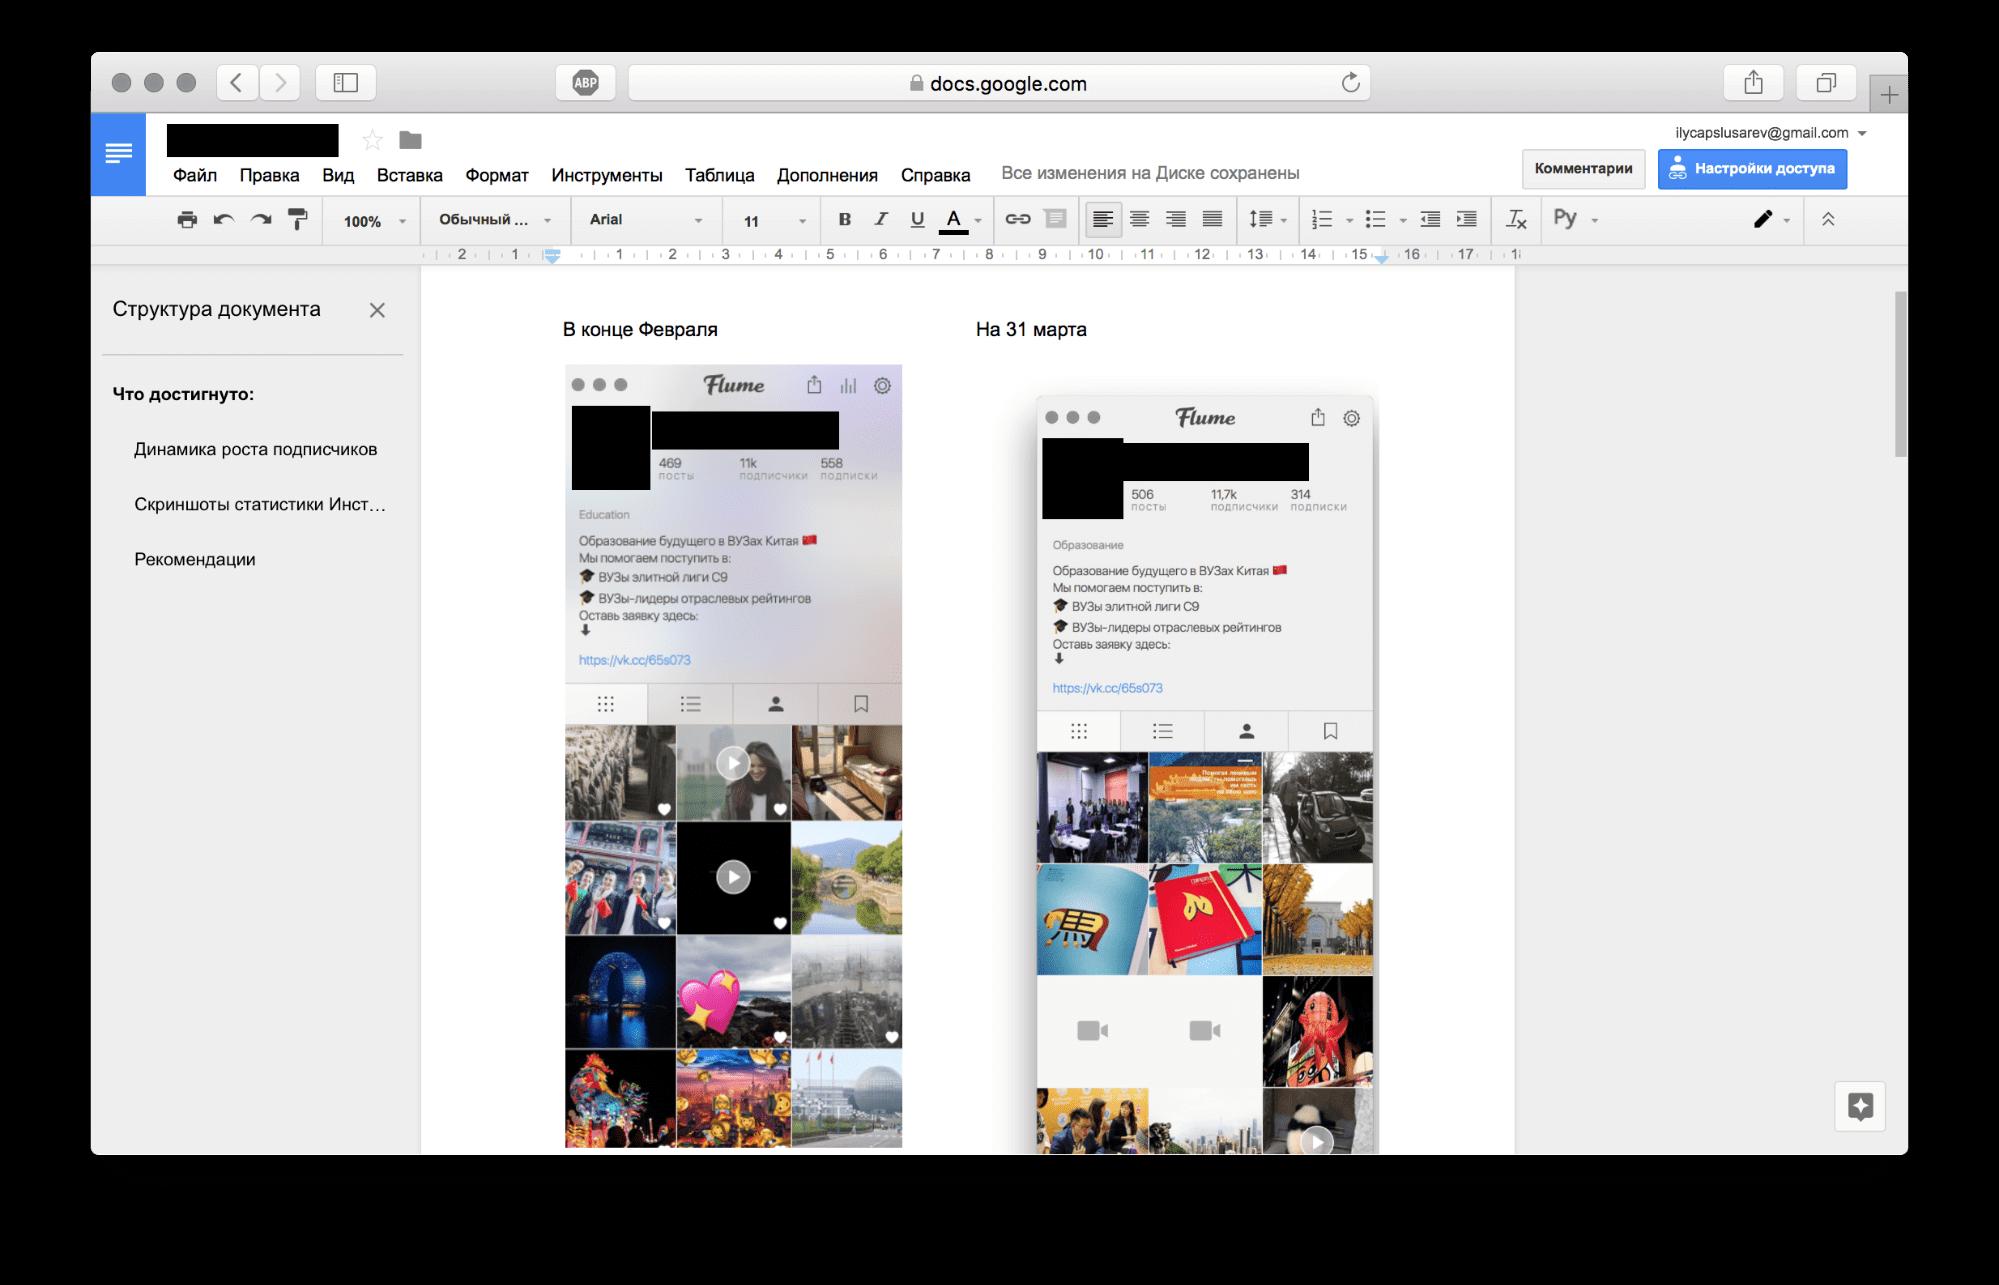 Типичный до и после: по этому скриншоту заказчик делает выводы о работе SMM-специалиста